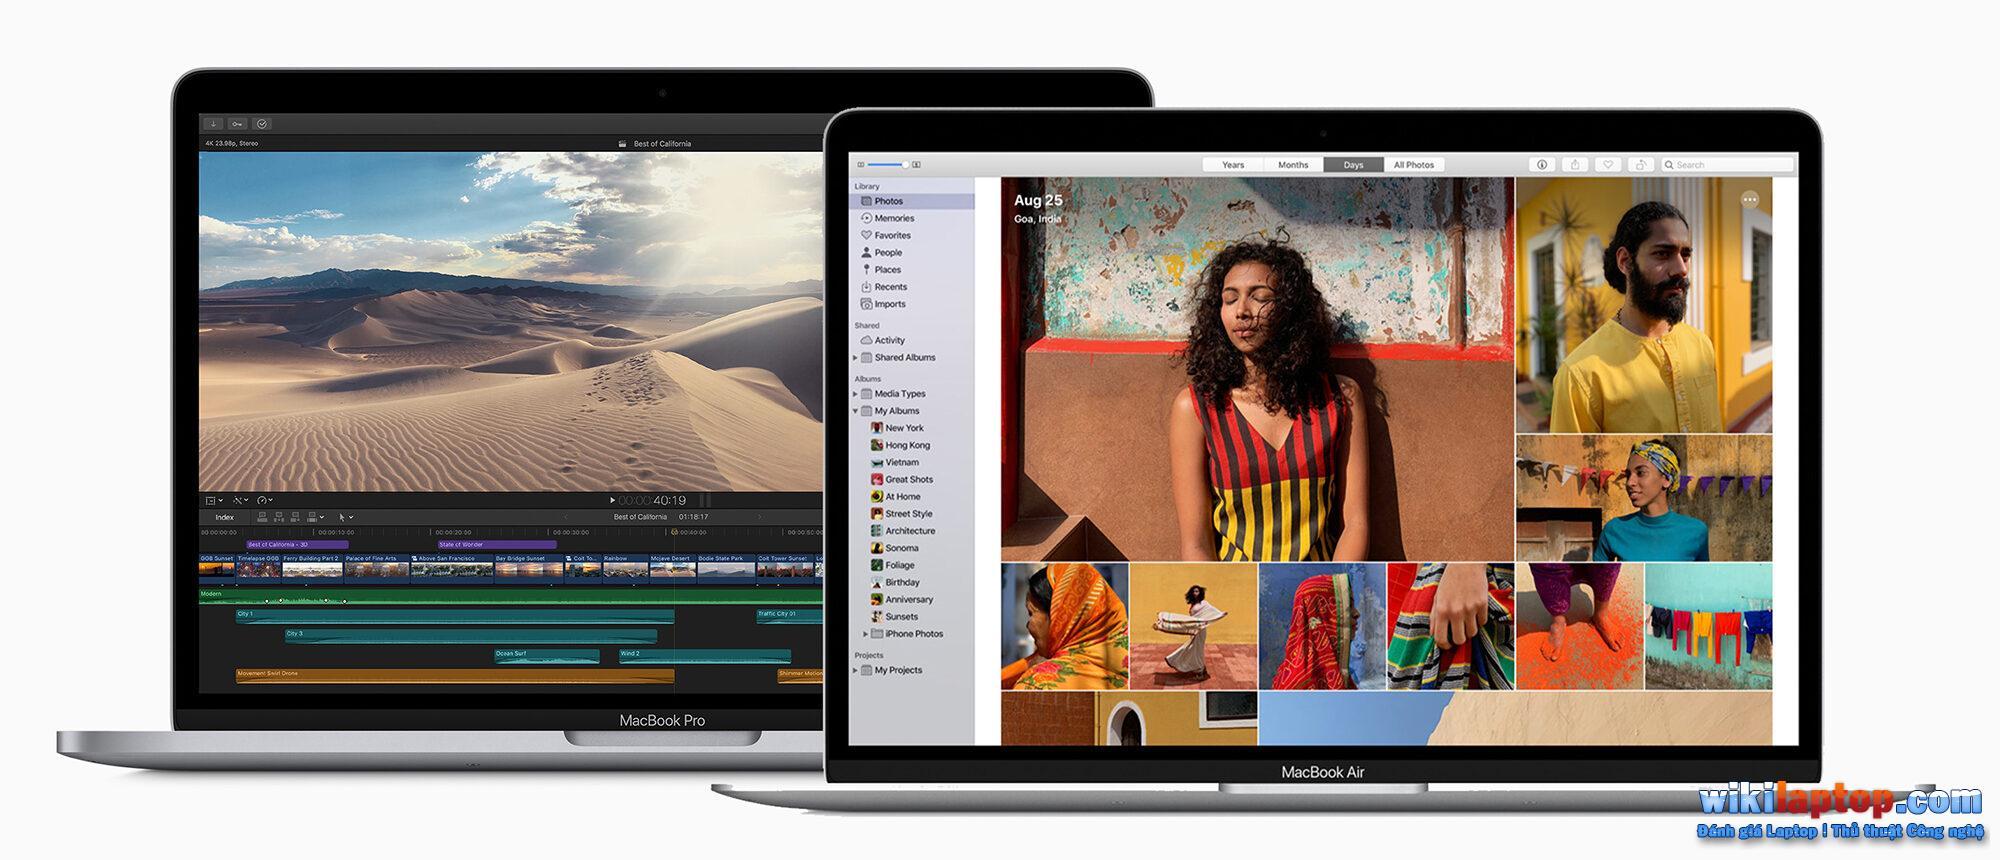 Sforum - Trang thông tin công nghệ mới nhất cover-e1588820598145 MacBook Air 2020 và MacBook Pro 13 inch: Tùy chọn nào phù hợp với chi phí và nhu cầu?